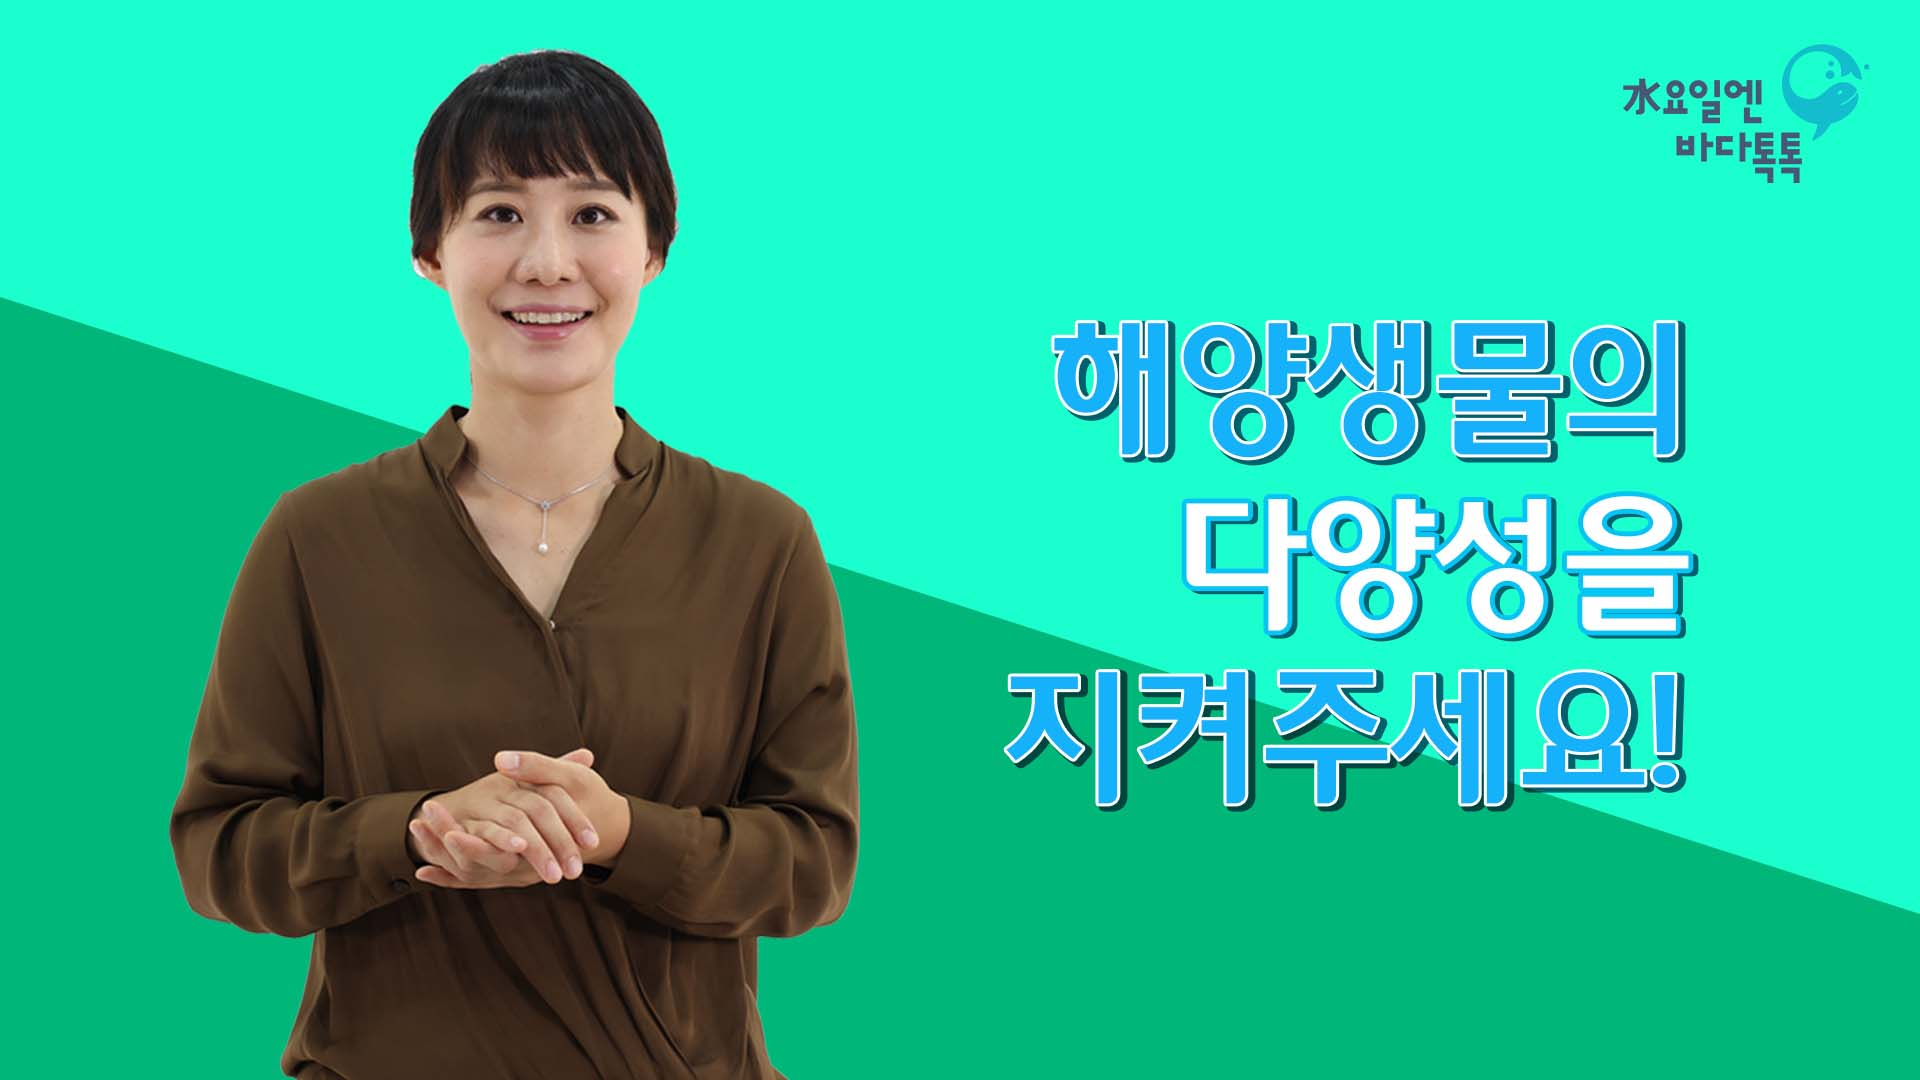 서울 5회 도입강연 썸네일